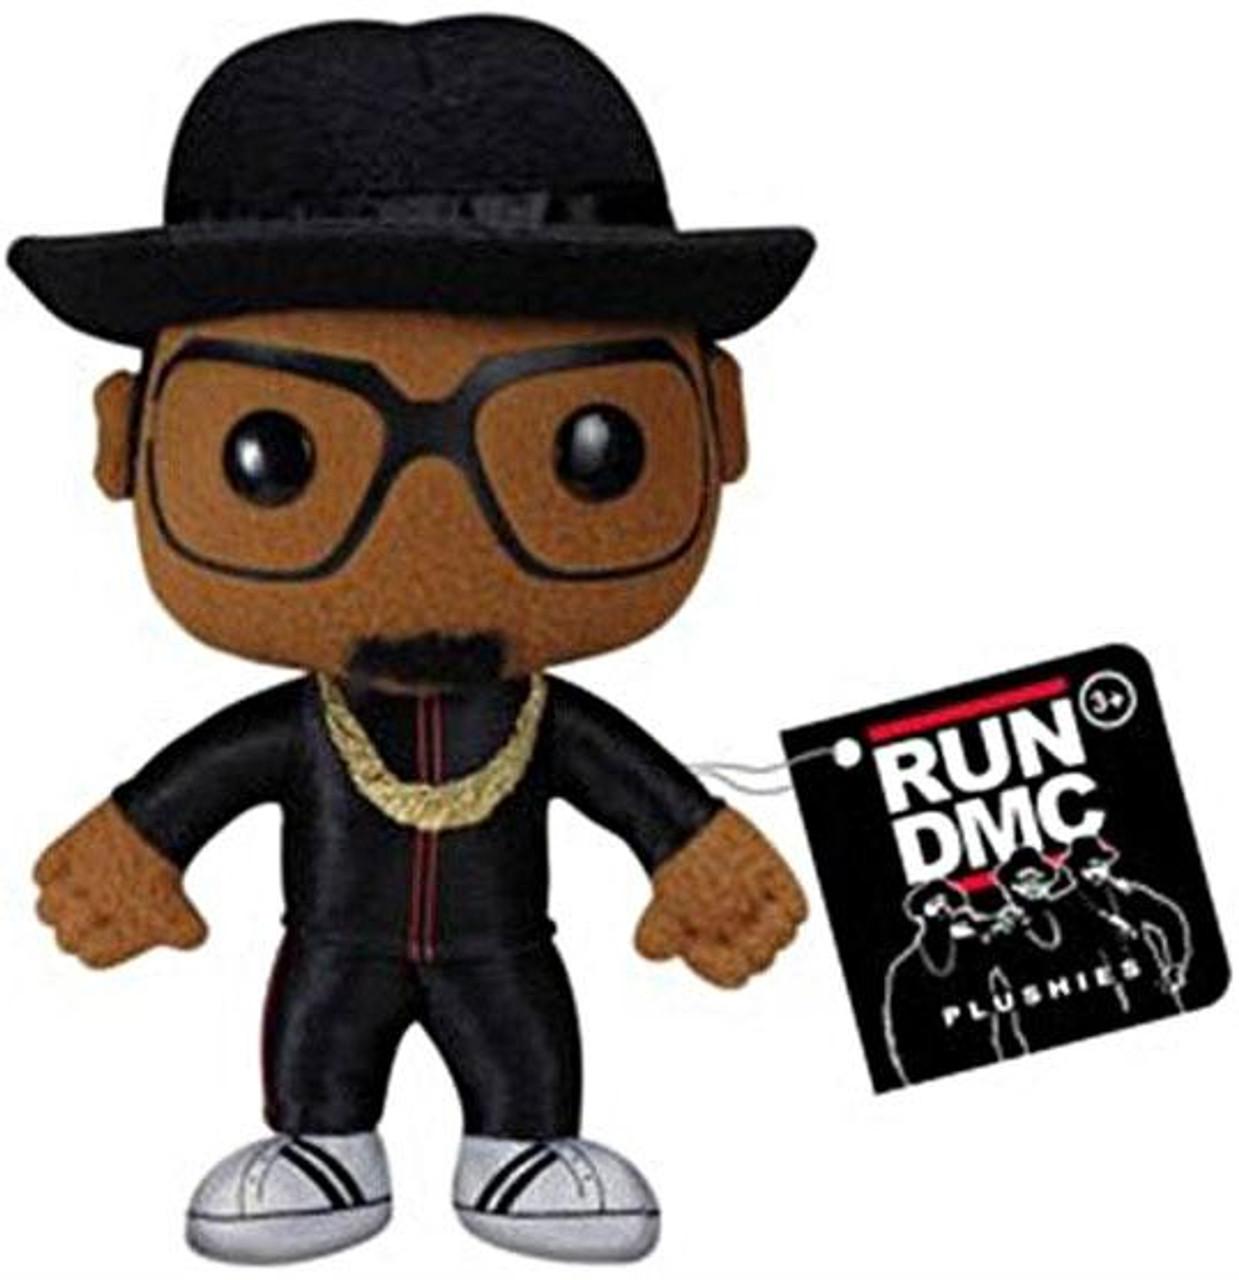 Funko Run DMC DMC 5-Inch Plushie